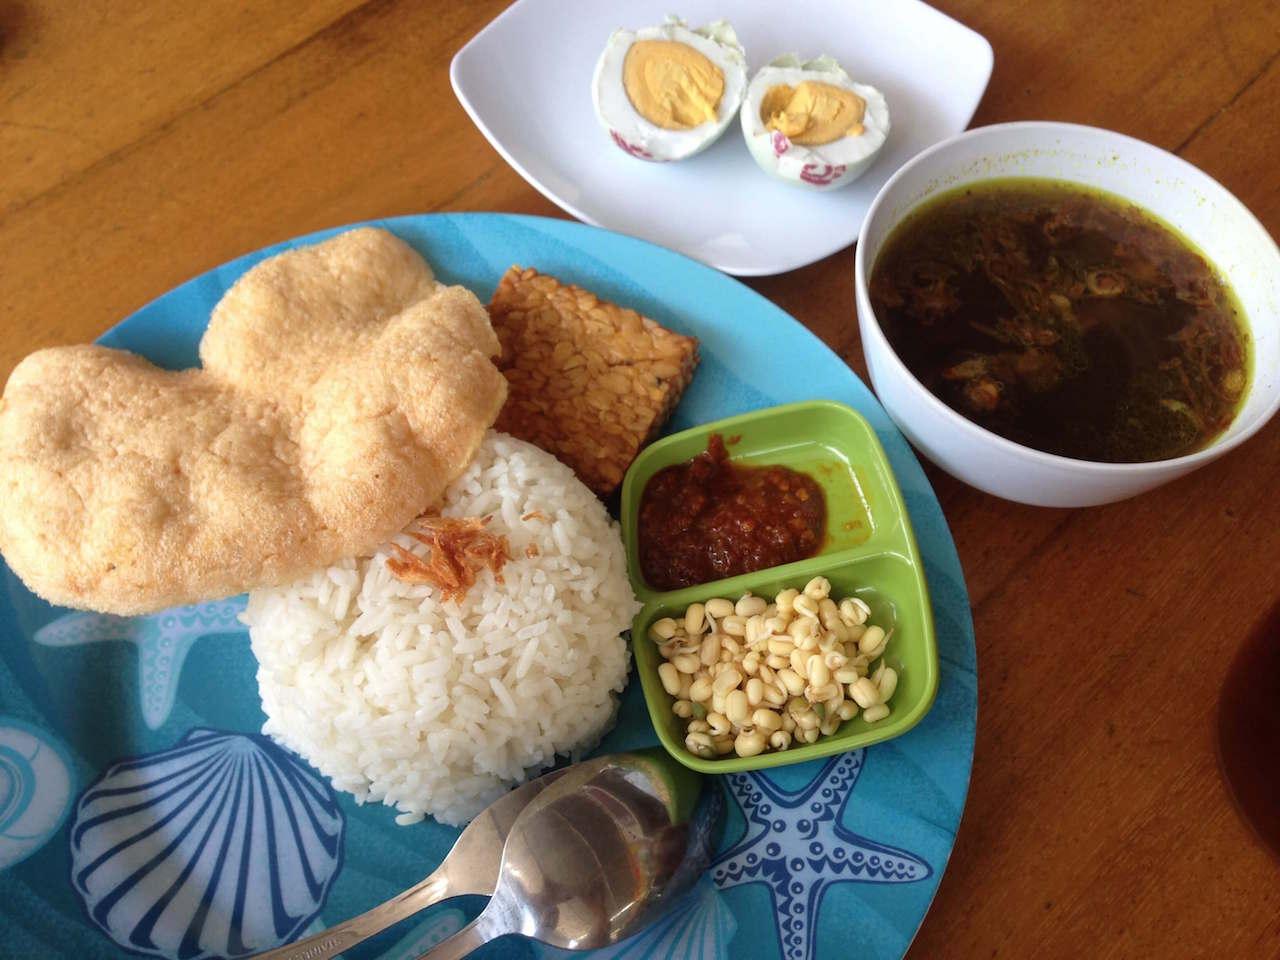 インドネシア名物料理「ナシ・ラウォン」を東ジャワのマラン空港で楽しむ!